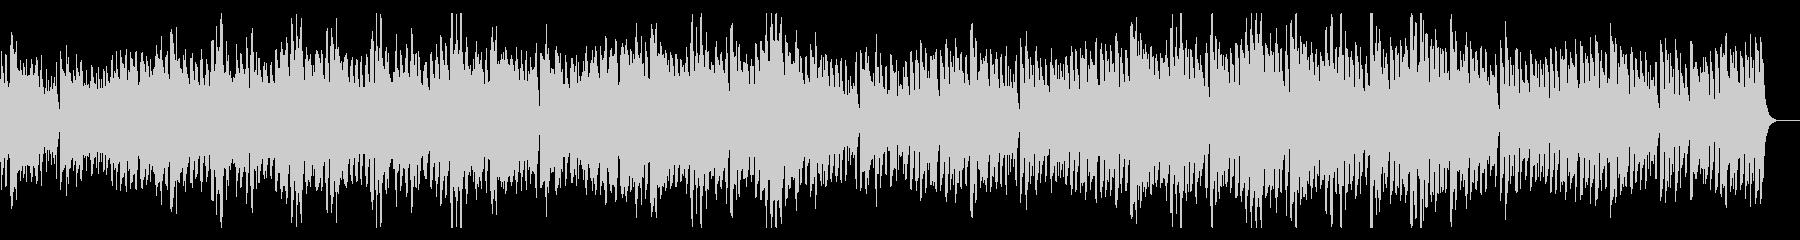 ウクレレと口笛のポジティブでハッピーな曲の未再生の波形